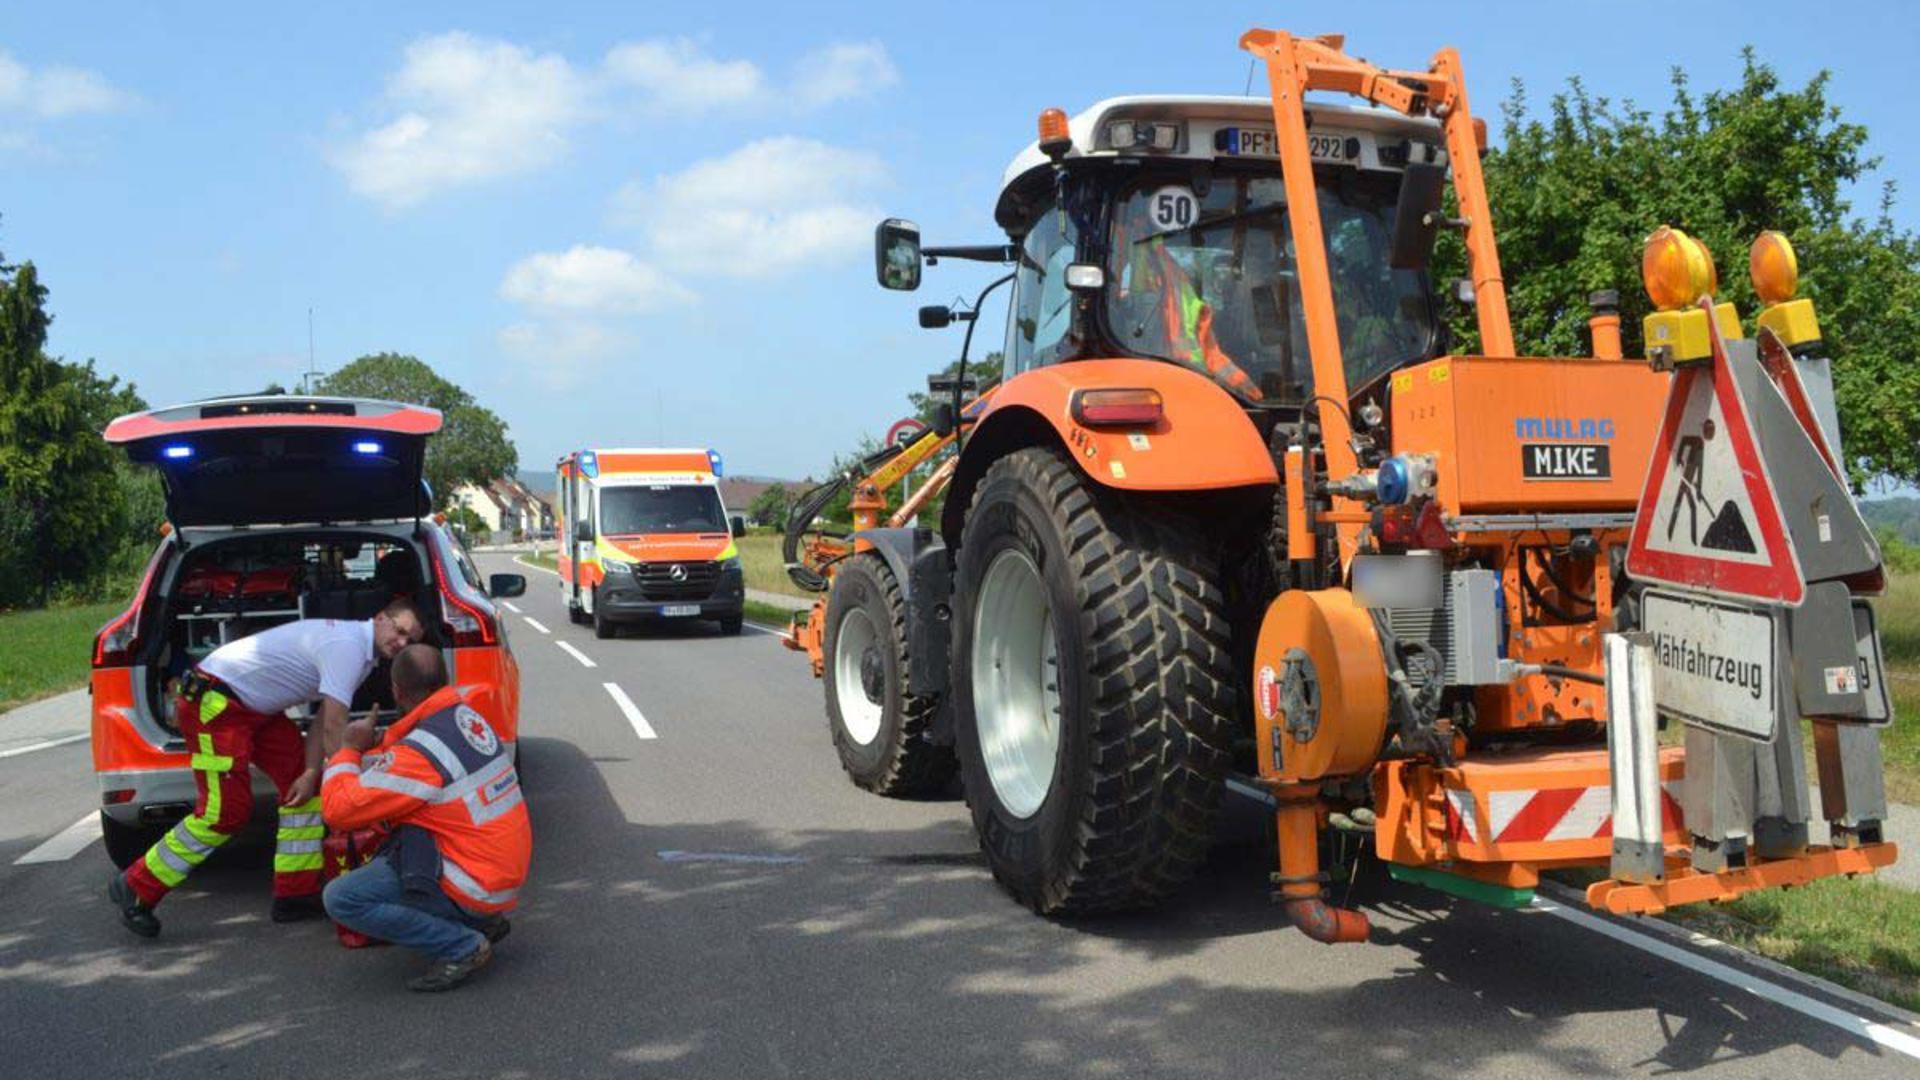 In Straubenhardt kam es am Dienstagvormittag zu einem Unfall mit einem Traktor und einem Fahrrad. Foto: Igor Myroshnichenko